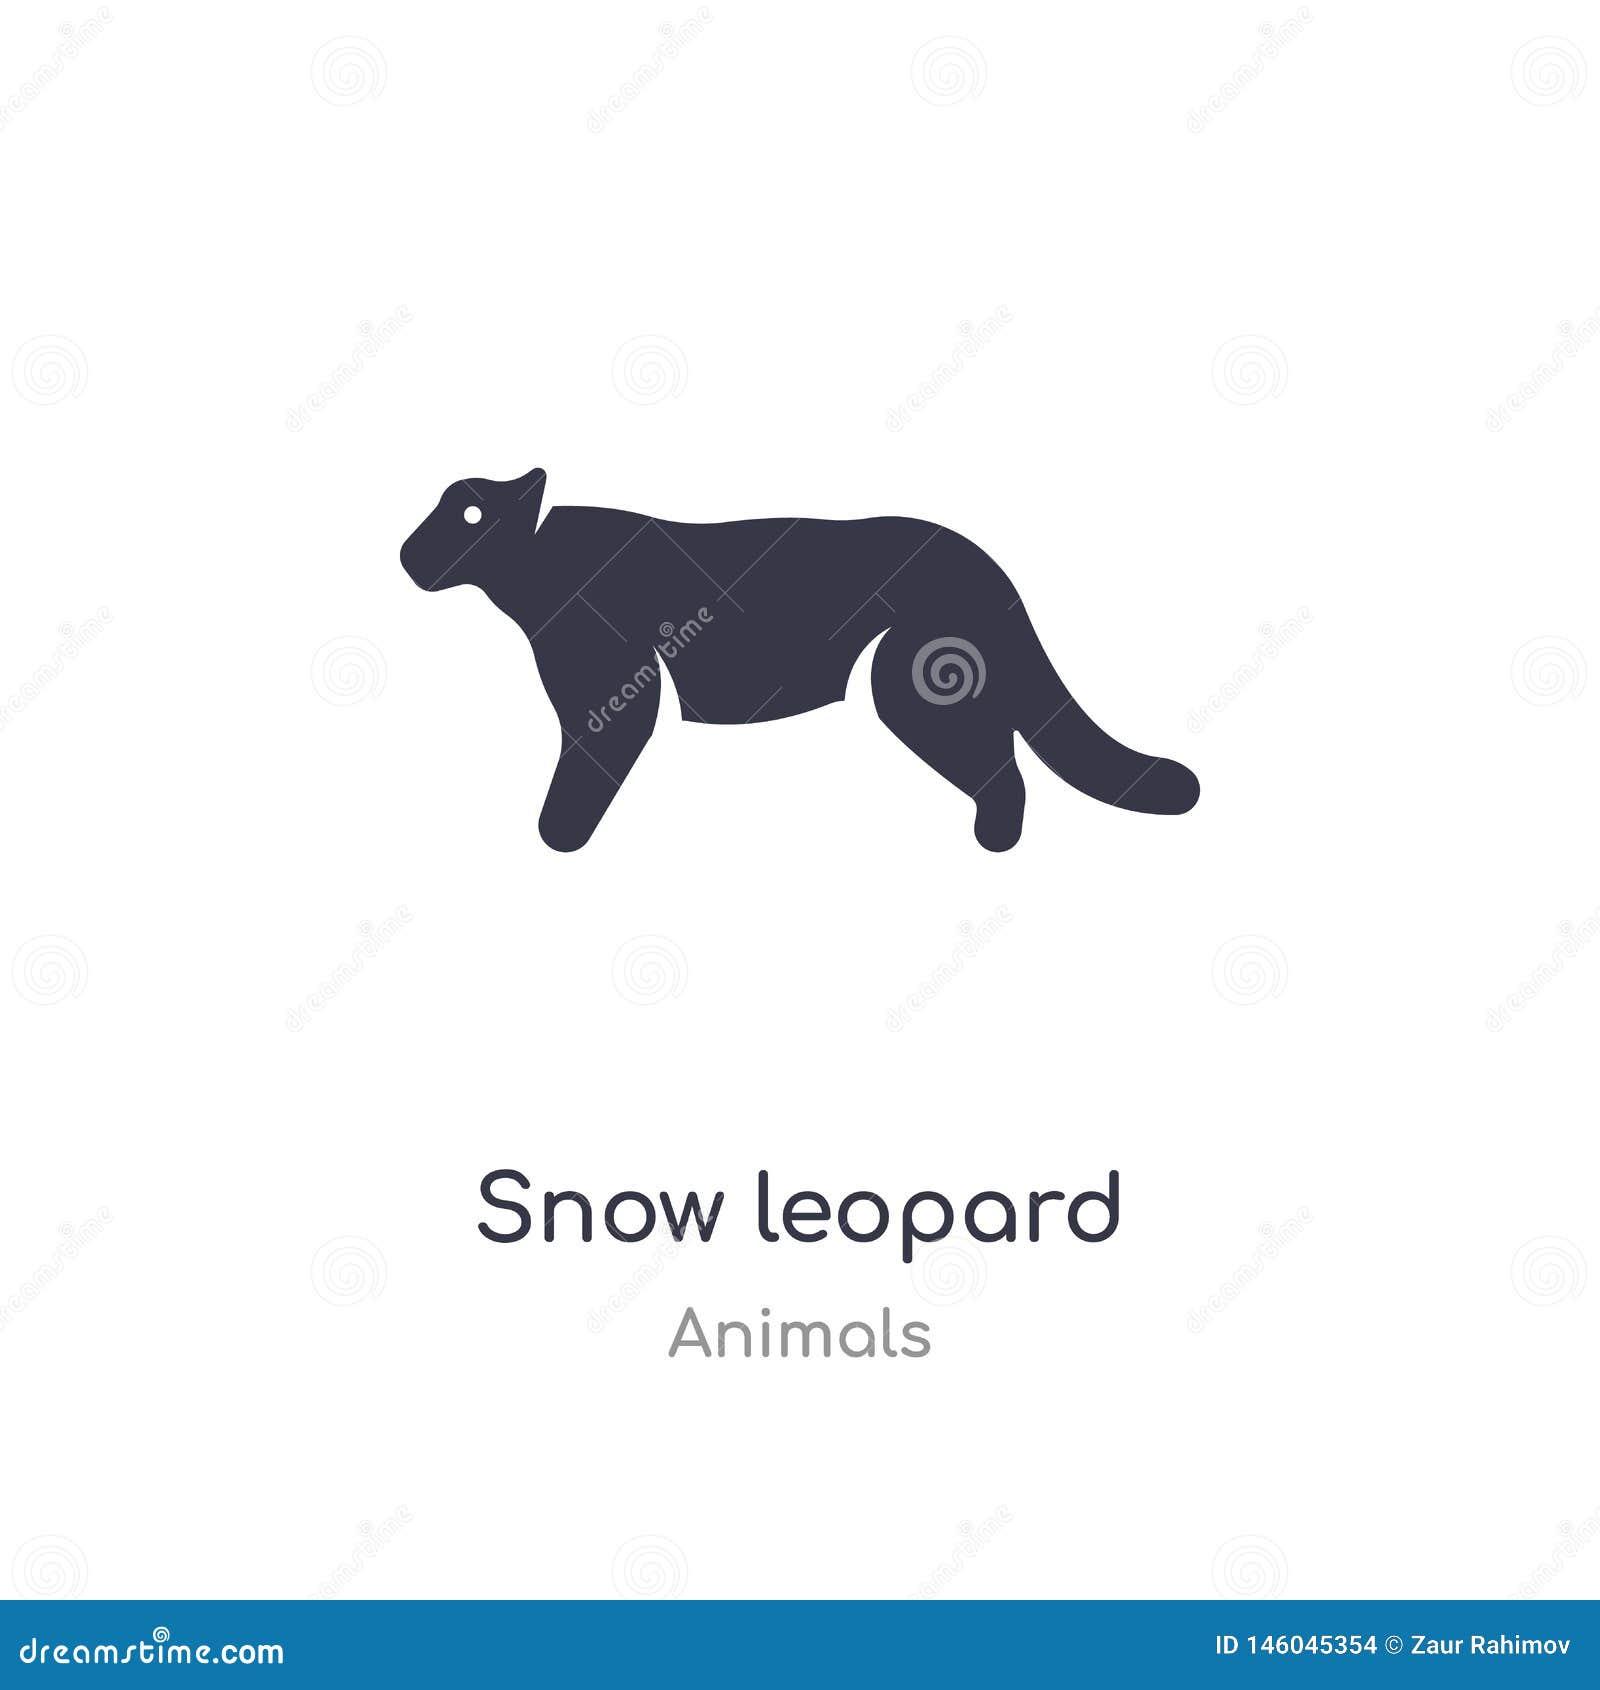 Icona del leopardo delle nevi illustrazione isolata di vettore dell icona del leopardo delle nevi dalla raccolta degli animali ed